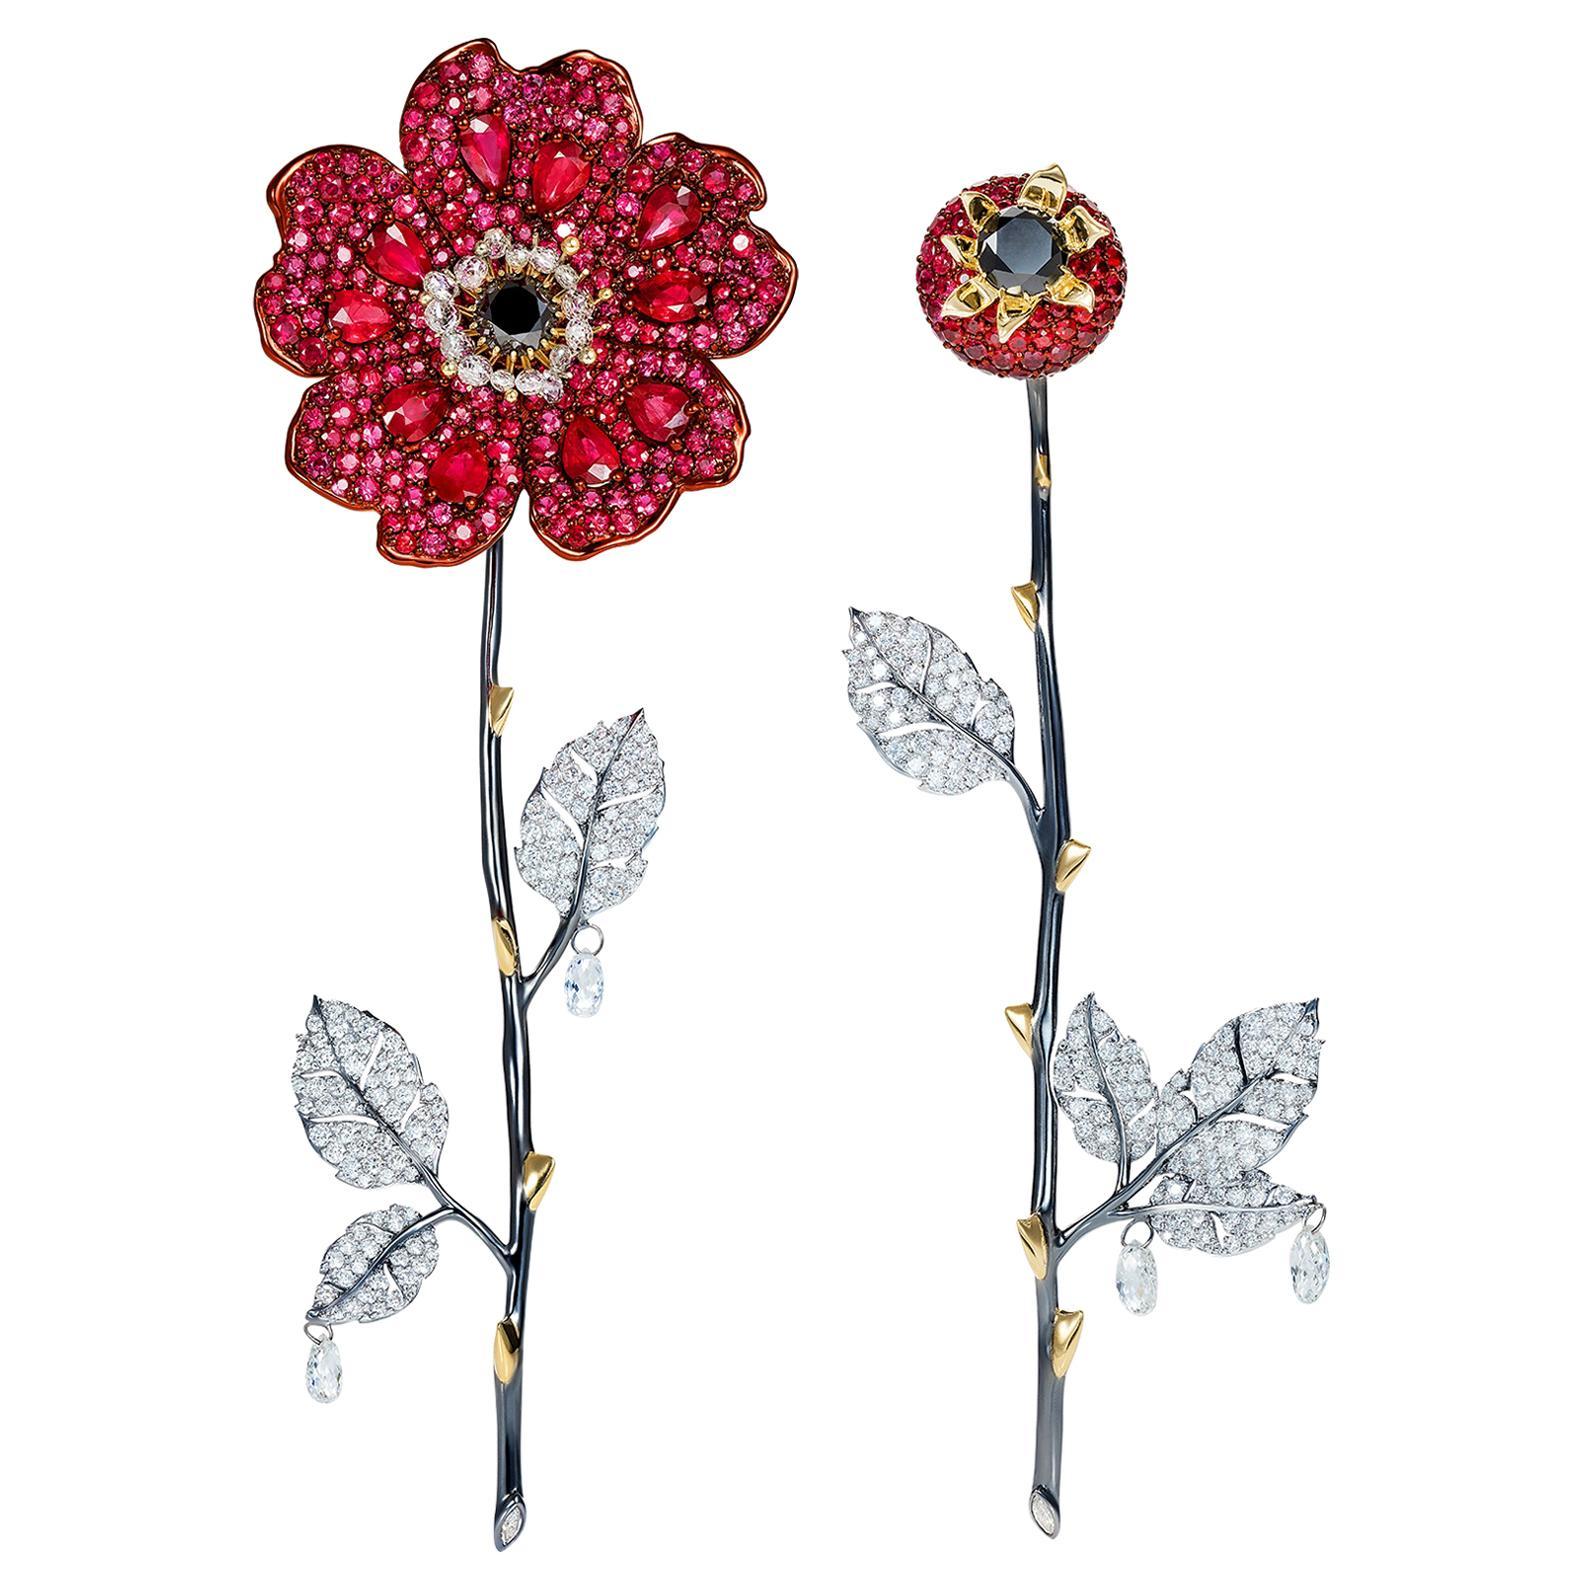 Sybarite Jewellery 18 Karat Gold 4.72 Carat Diamond Ruby Dangle Flower Earrings